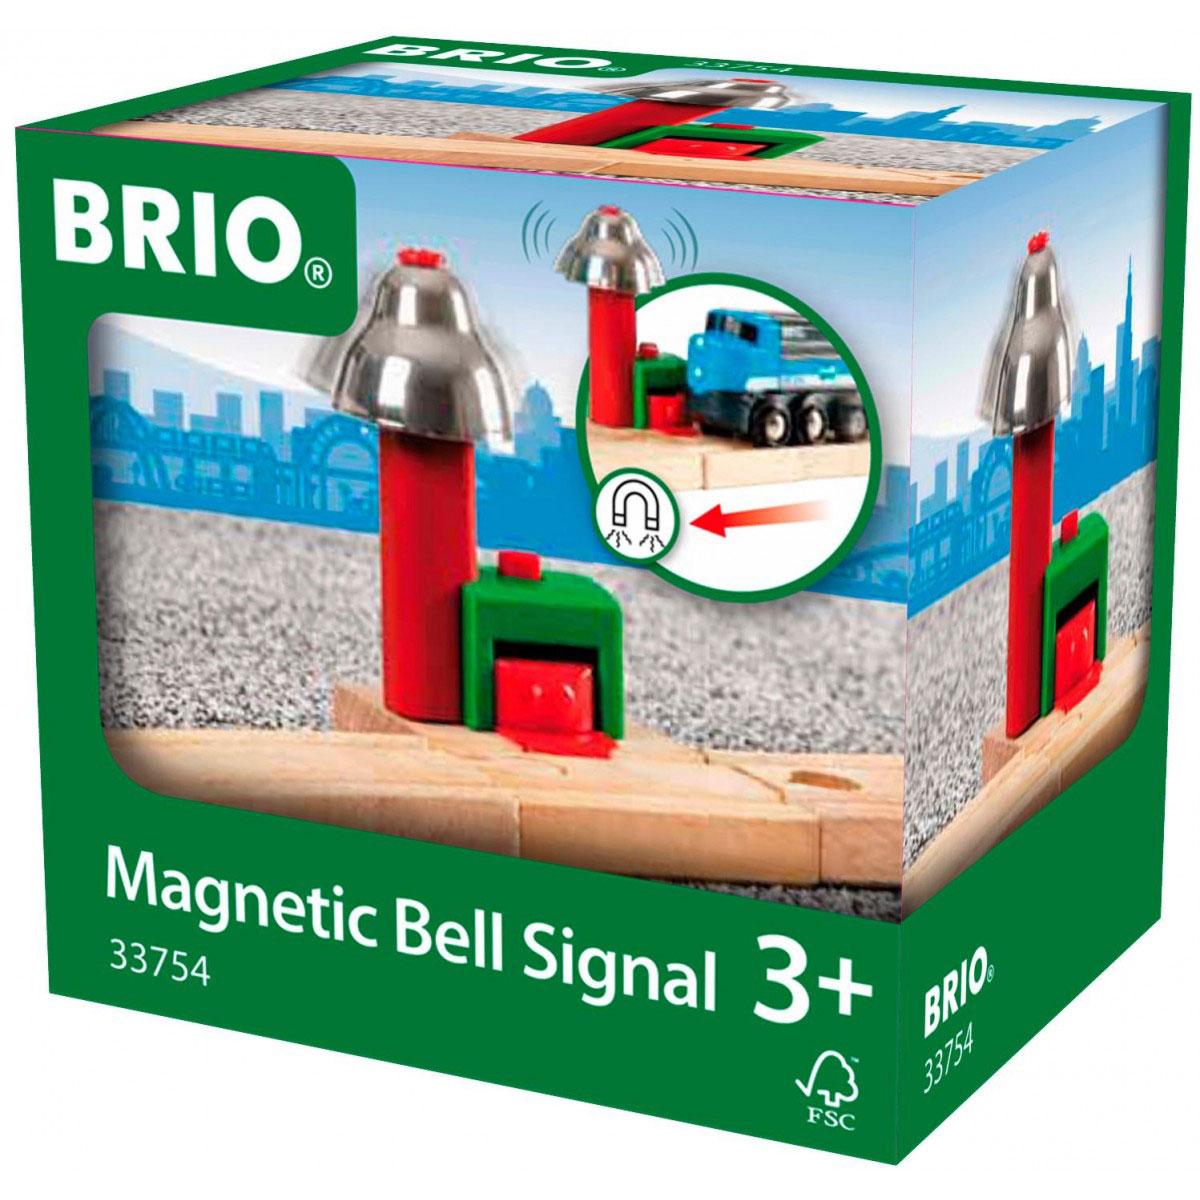 Brio Сигнальный колокольчик33754Дополнительный элемент для развития железной дороги Сигнальный колокольчик предназначен для машинок и паровозиков Brio. Элемент представляет собой часть железной дороги со столбом, на котором установлен железный колокол. Когда поезда и машинки проезжают мимо, колокол издает мелодичный звук. Железные дороги позволяют ребенку не только получать удовольствие от игры, но и развивать пространственное воображение, мелкую моторику и координацию движений. Набор совместим со всеми железными дорогами и паровозиками Brio. Ваш малыш часами будет играть с набором, придумывая разные истории. Машинки и паровозики в комплект не входят.